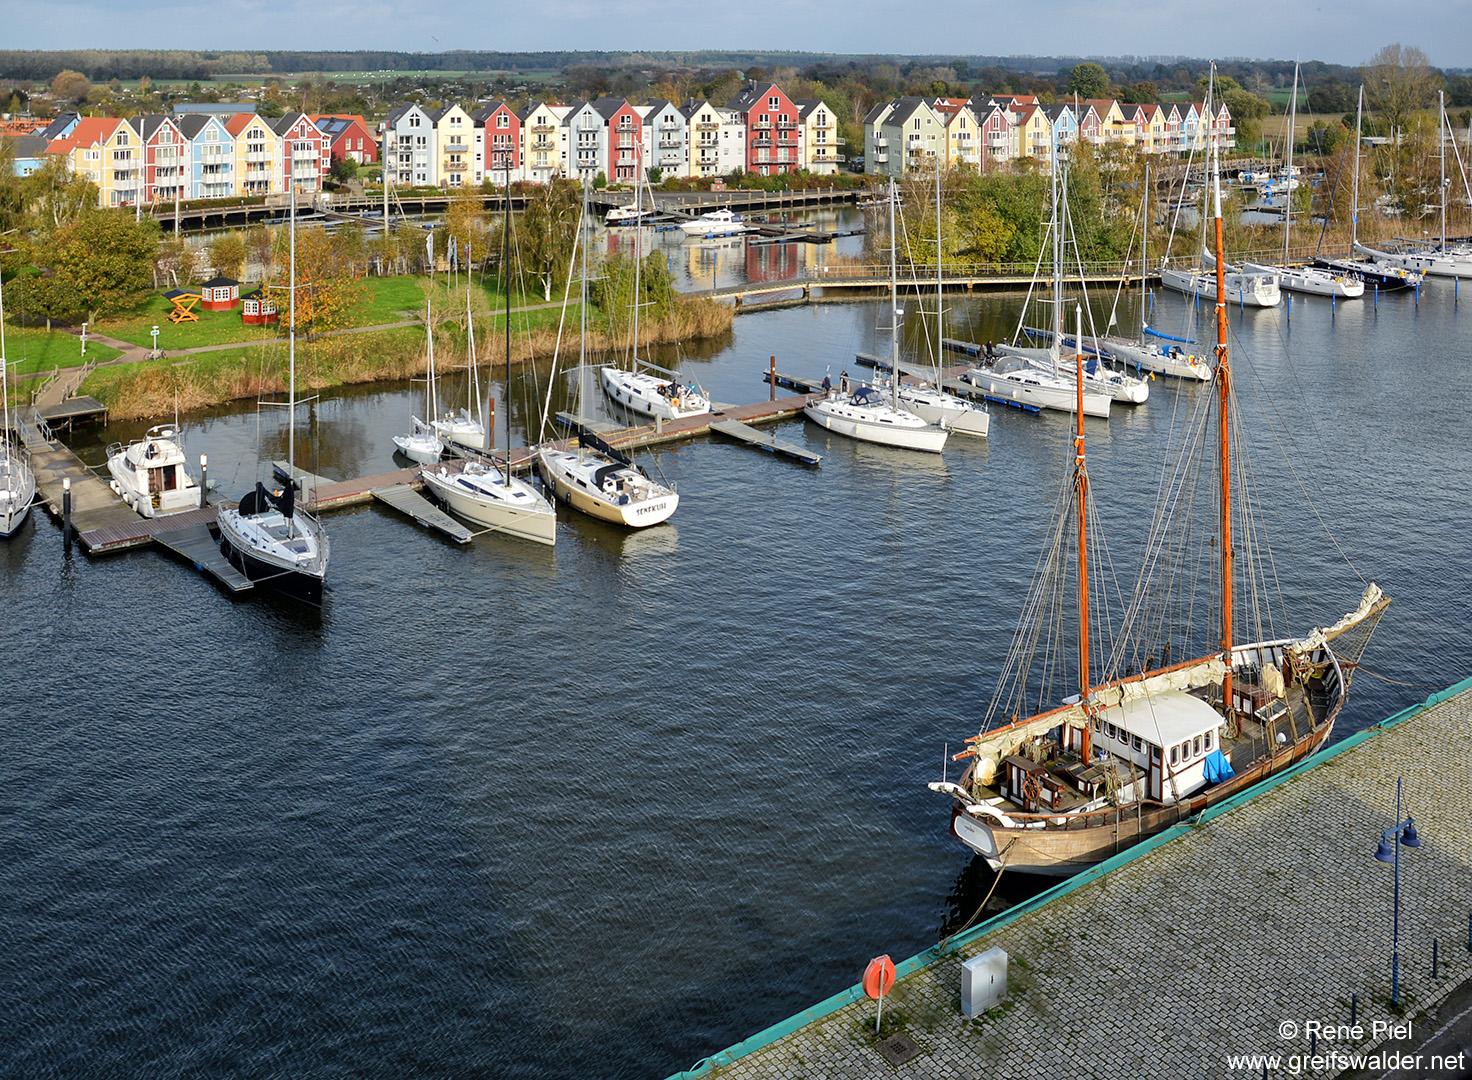 Wohnanlage im skandinavischen Baustil am Ryck in Greifswald